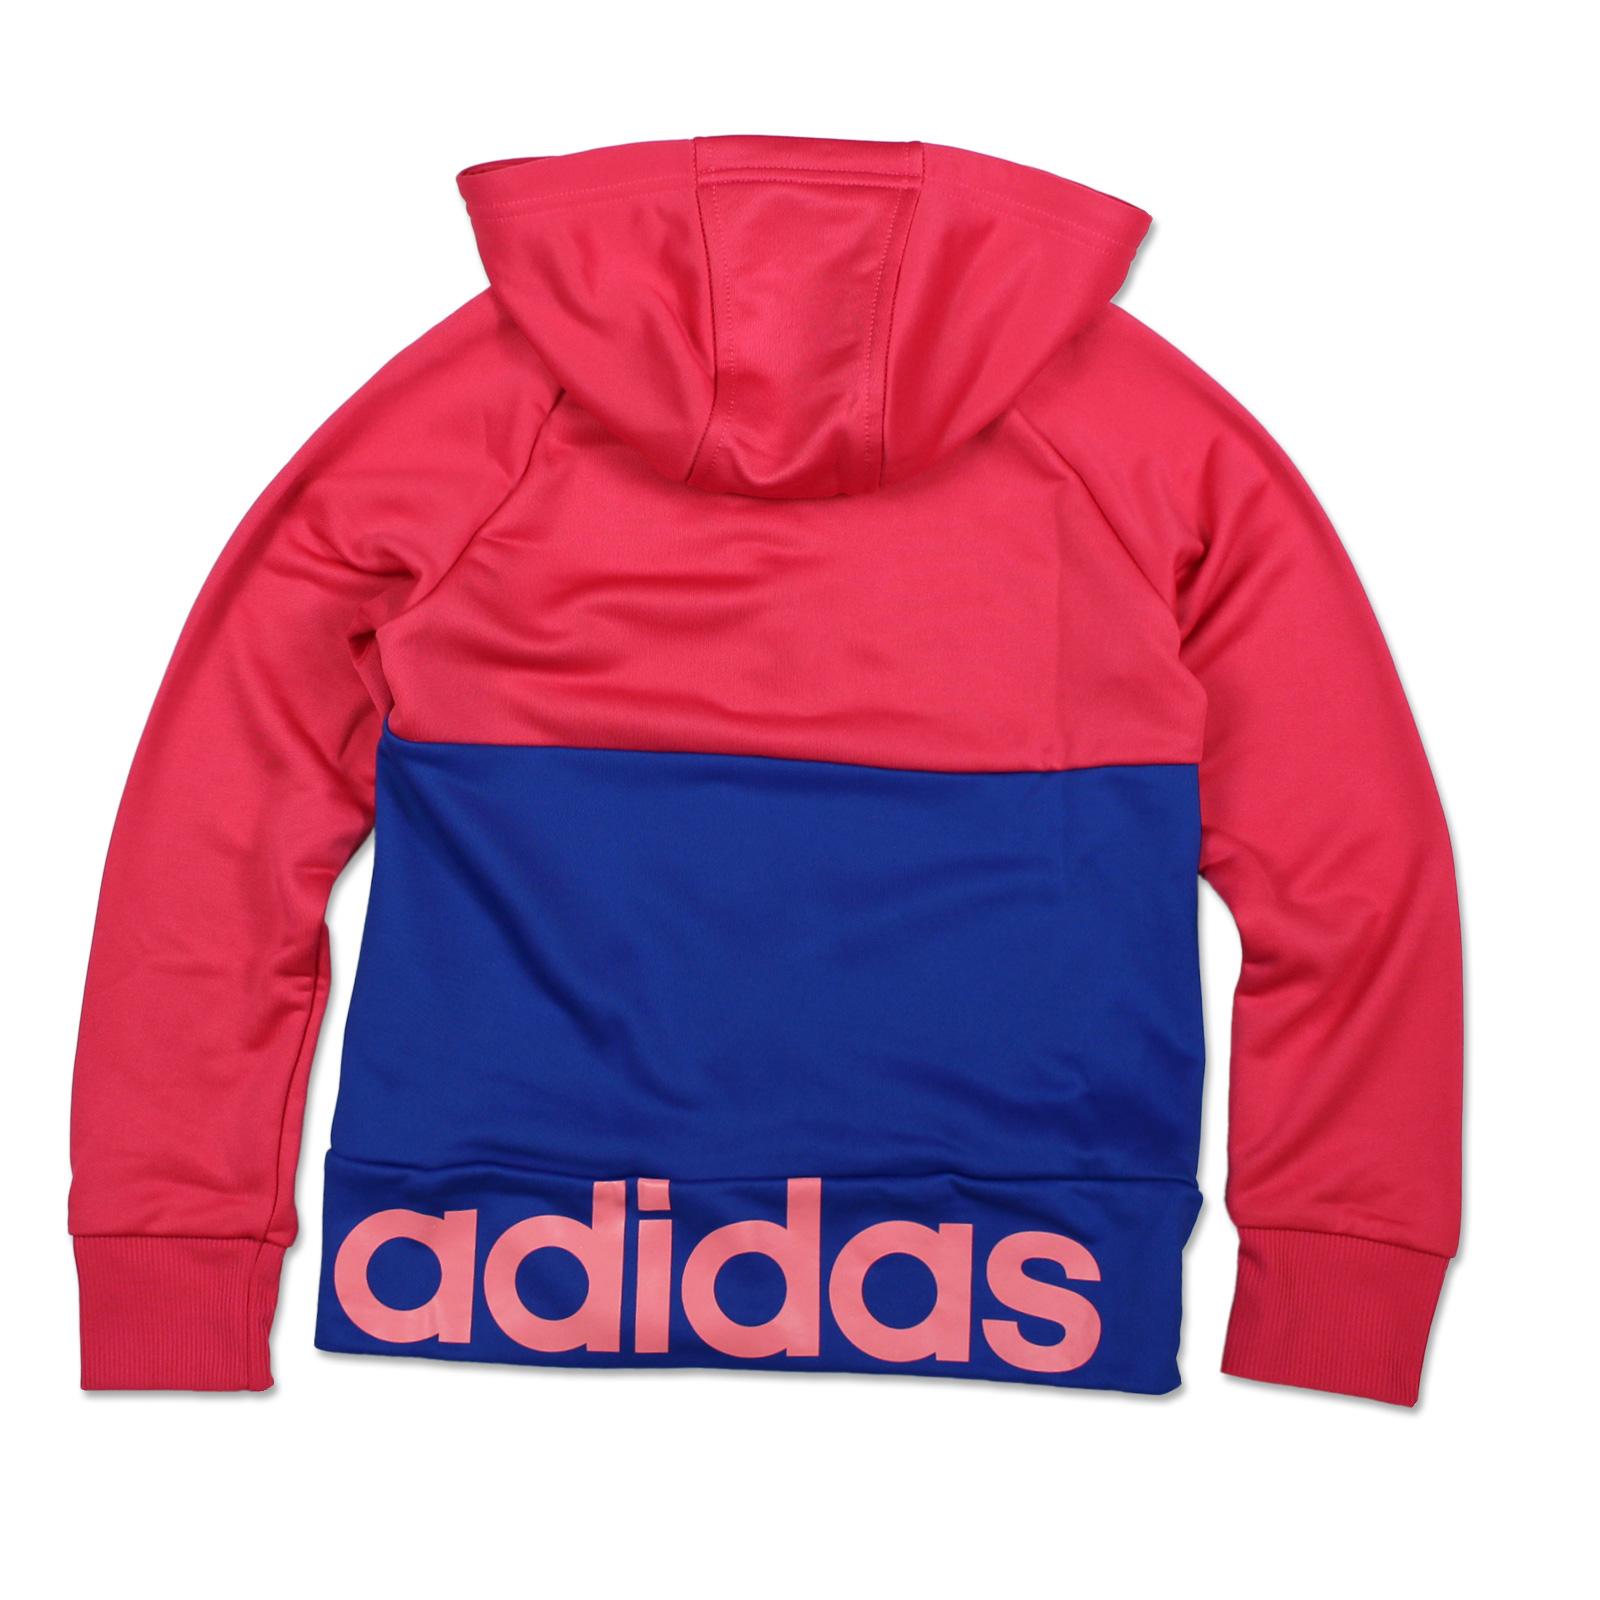 Détails sur Adidas Performance Fille Survêtement Tenue de Sport 2 teiler Rose Bleue 164